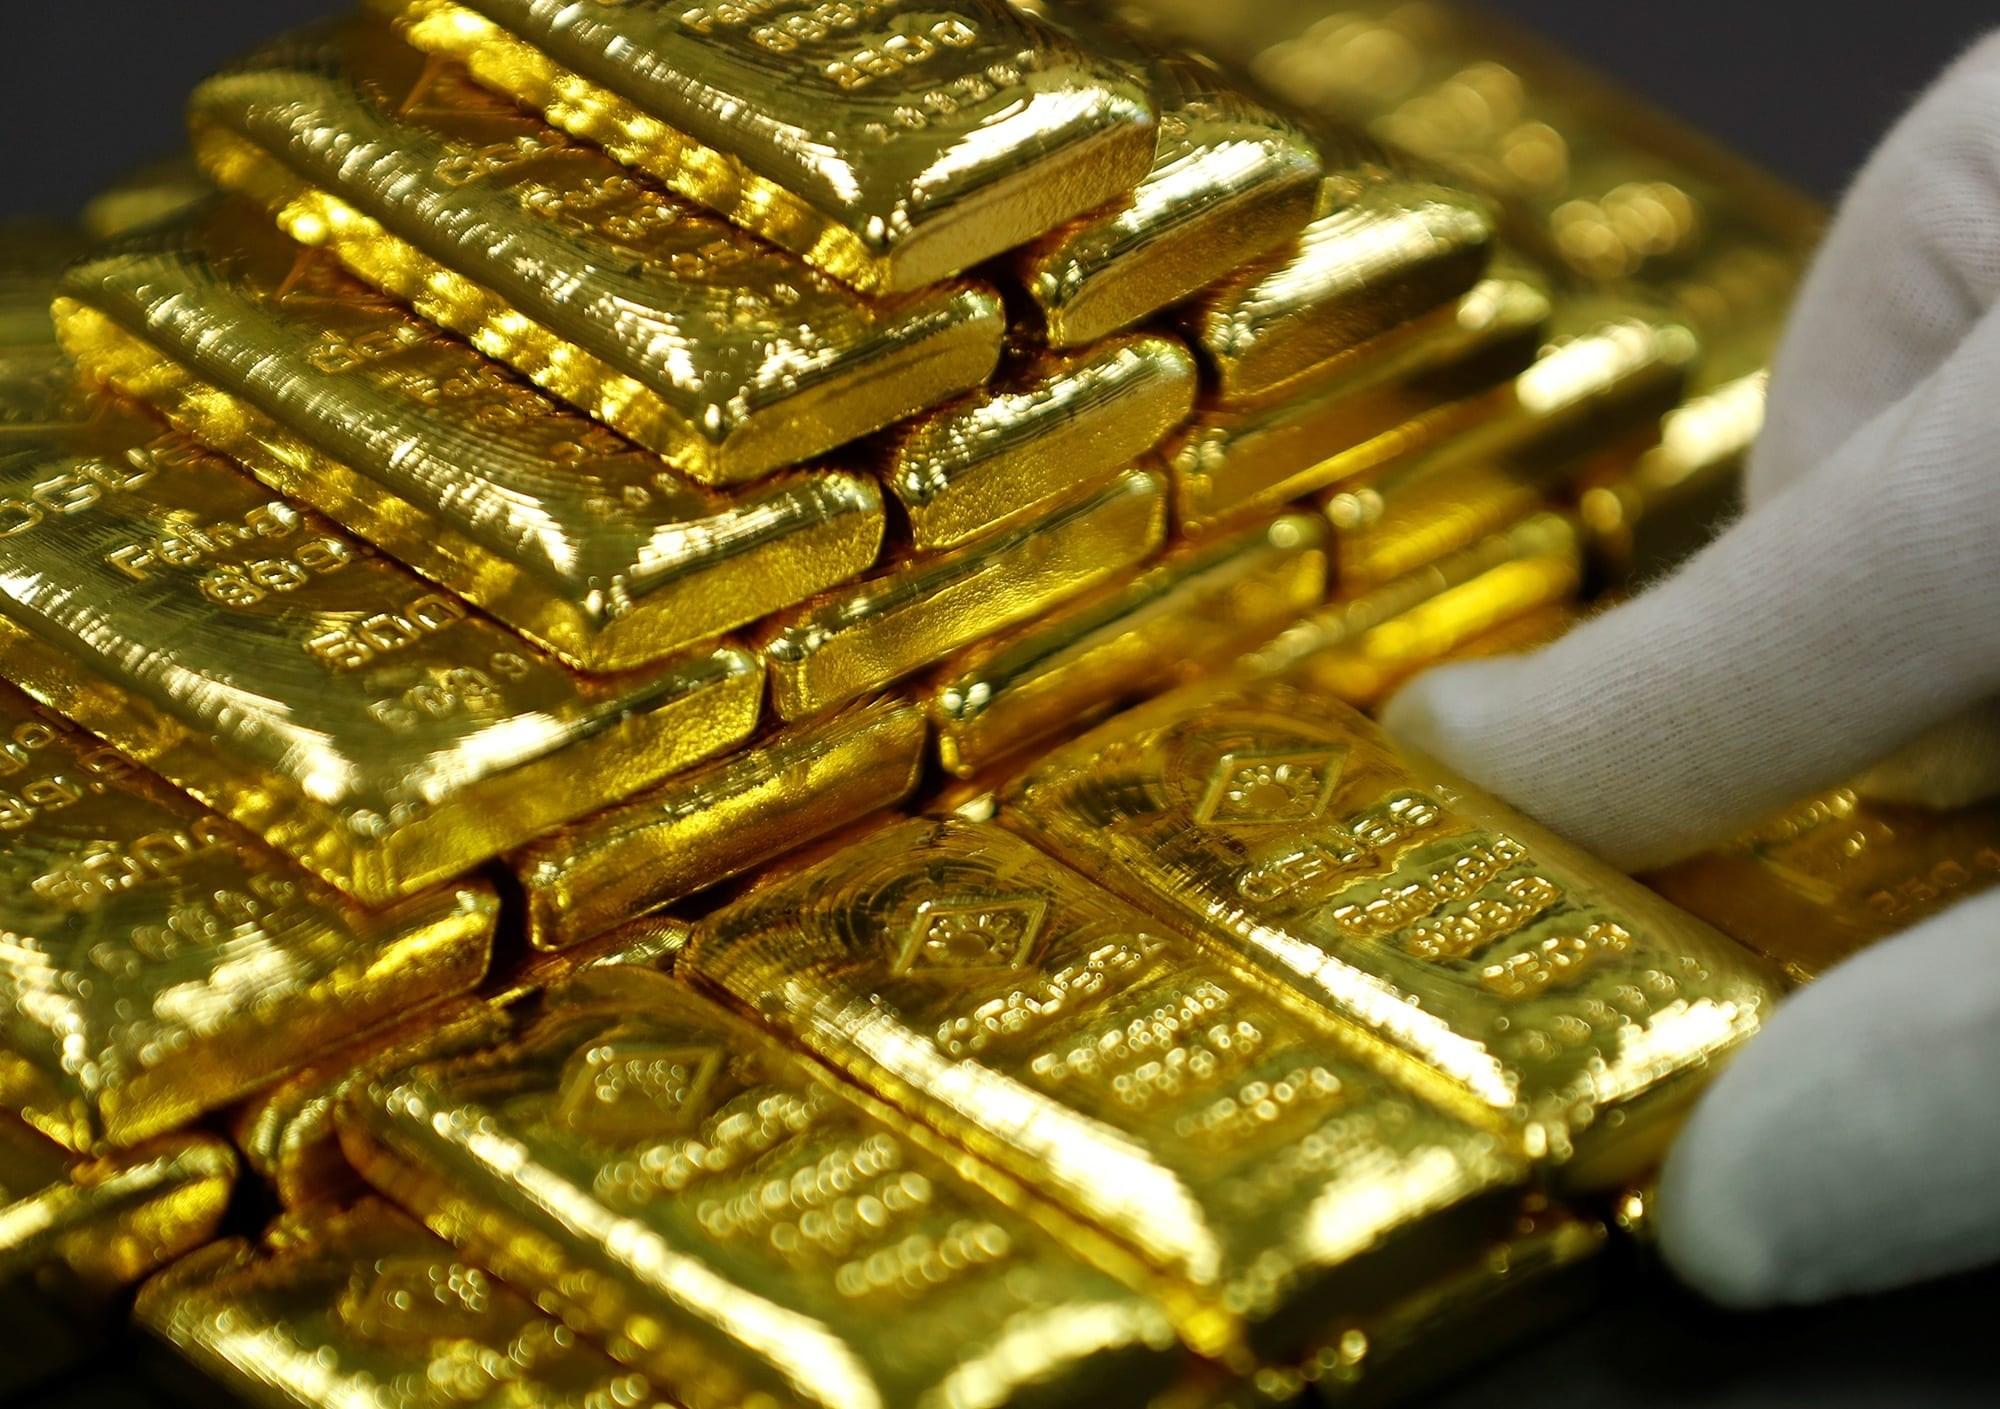 كيف تتكون الكميات الكبيرة من الذهب؟